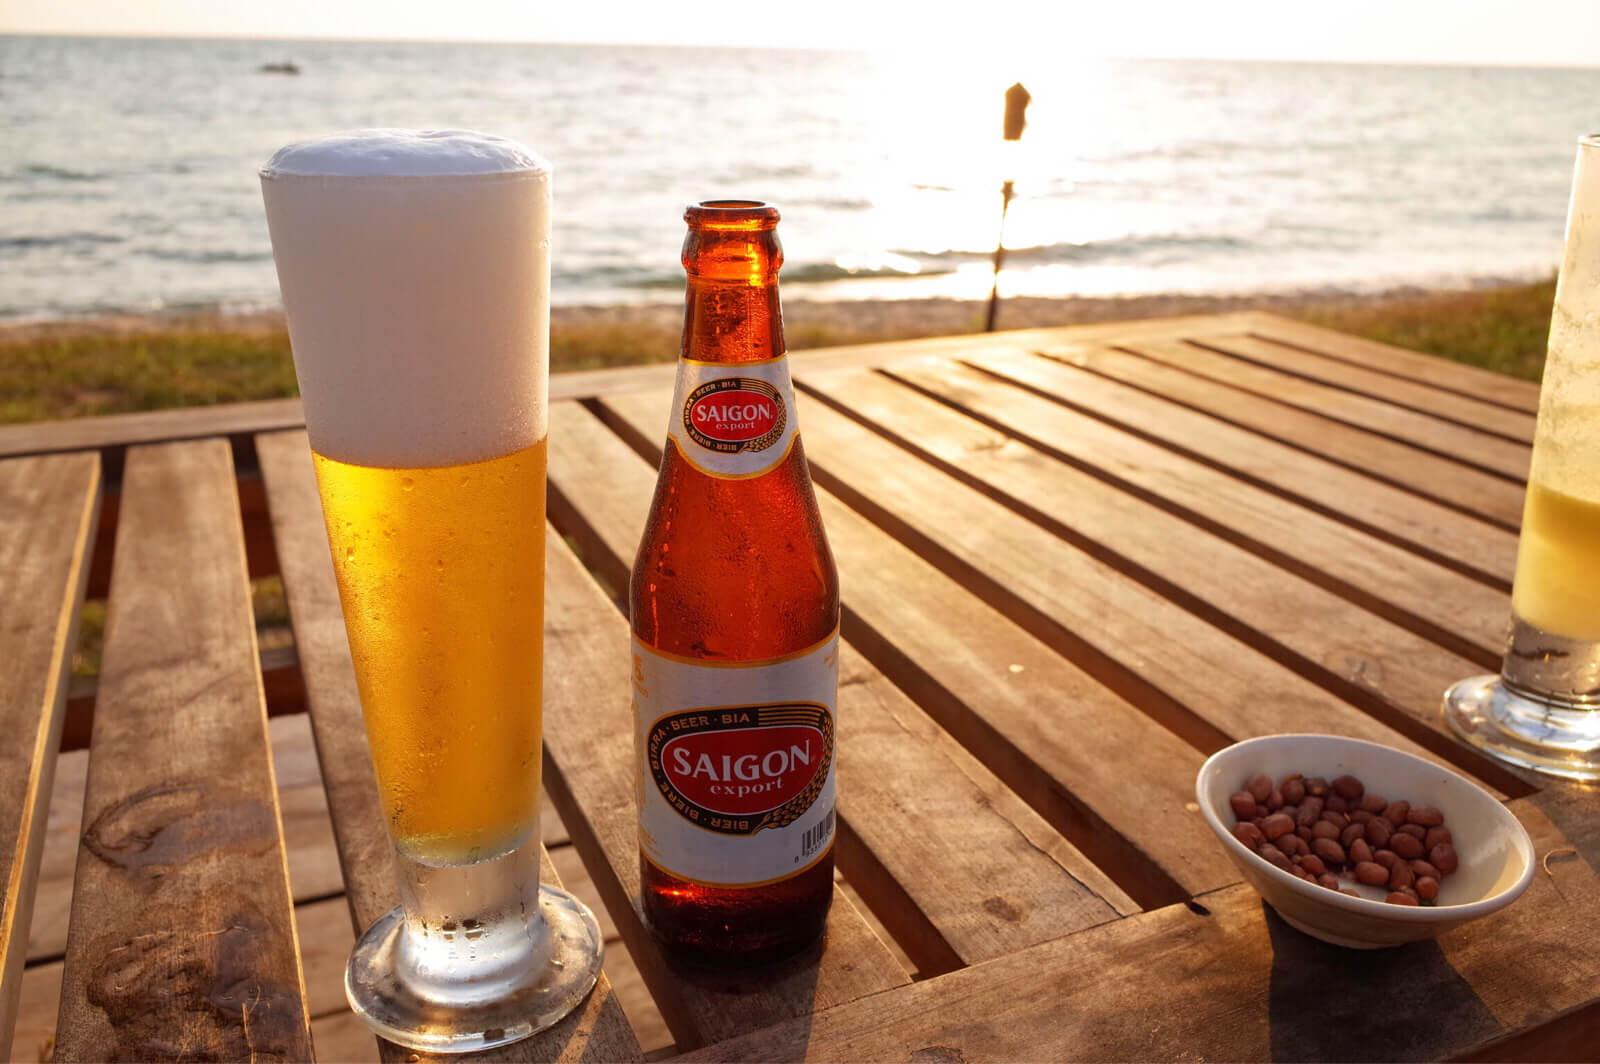 マンゴーベイリゾート | カップルにおすすめ フーコックで絶好の夕日を眺められるビーチバーはここだ!